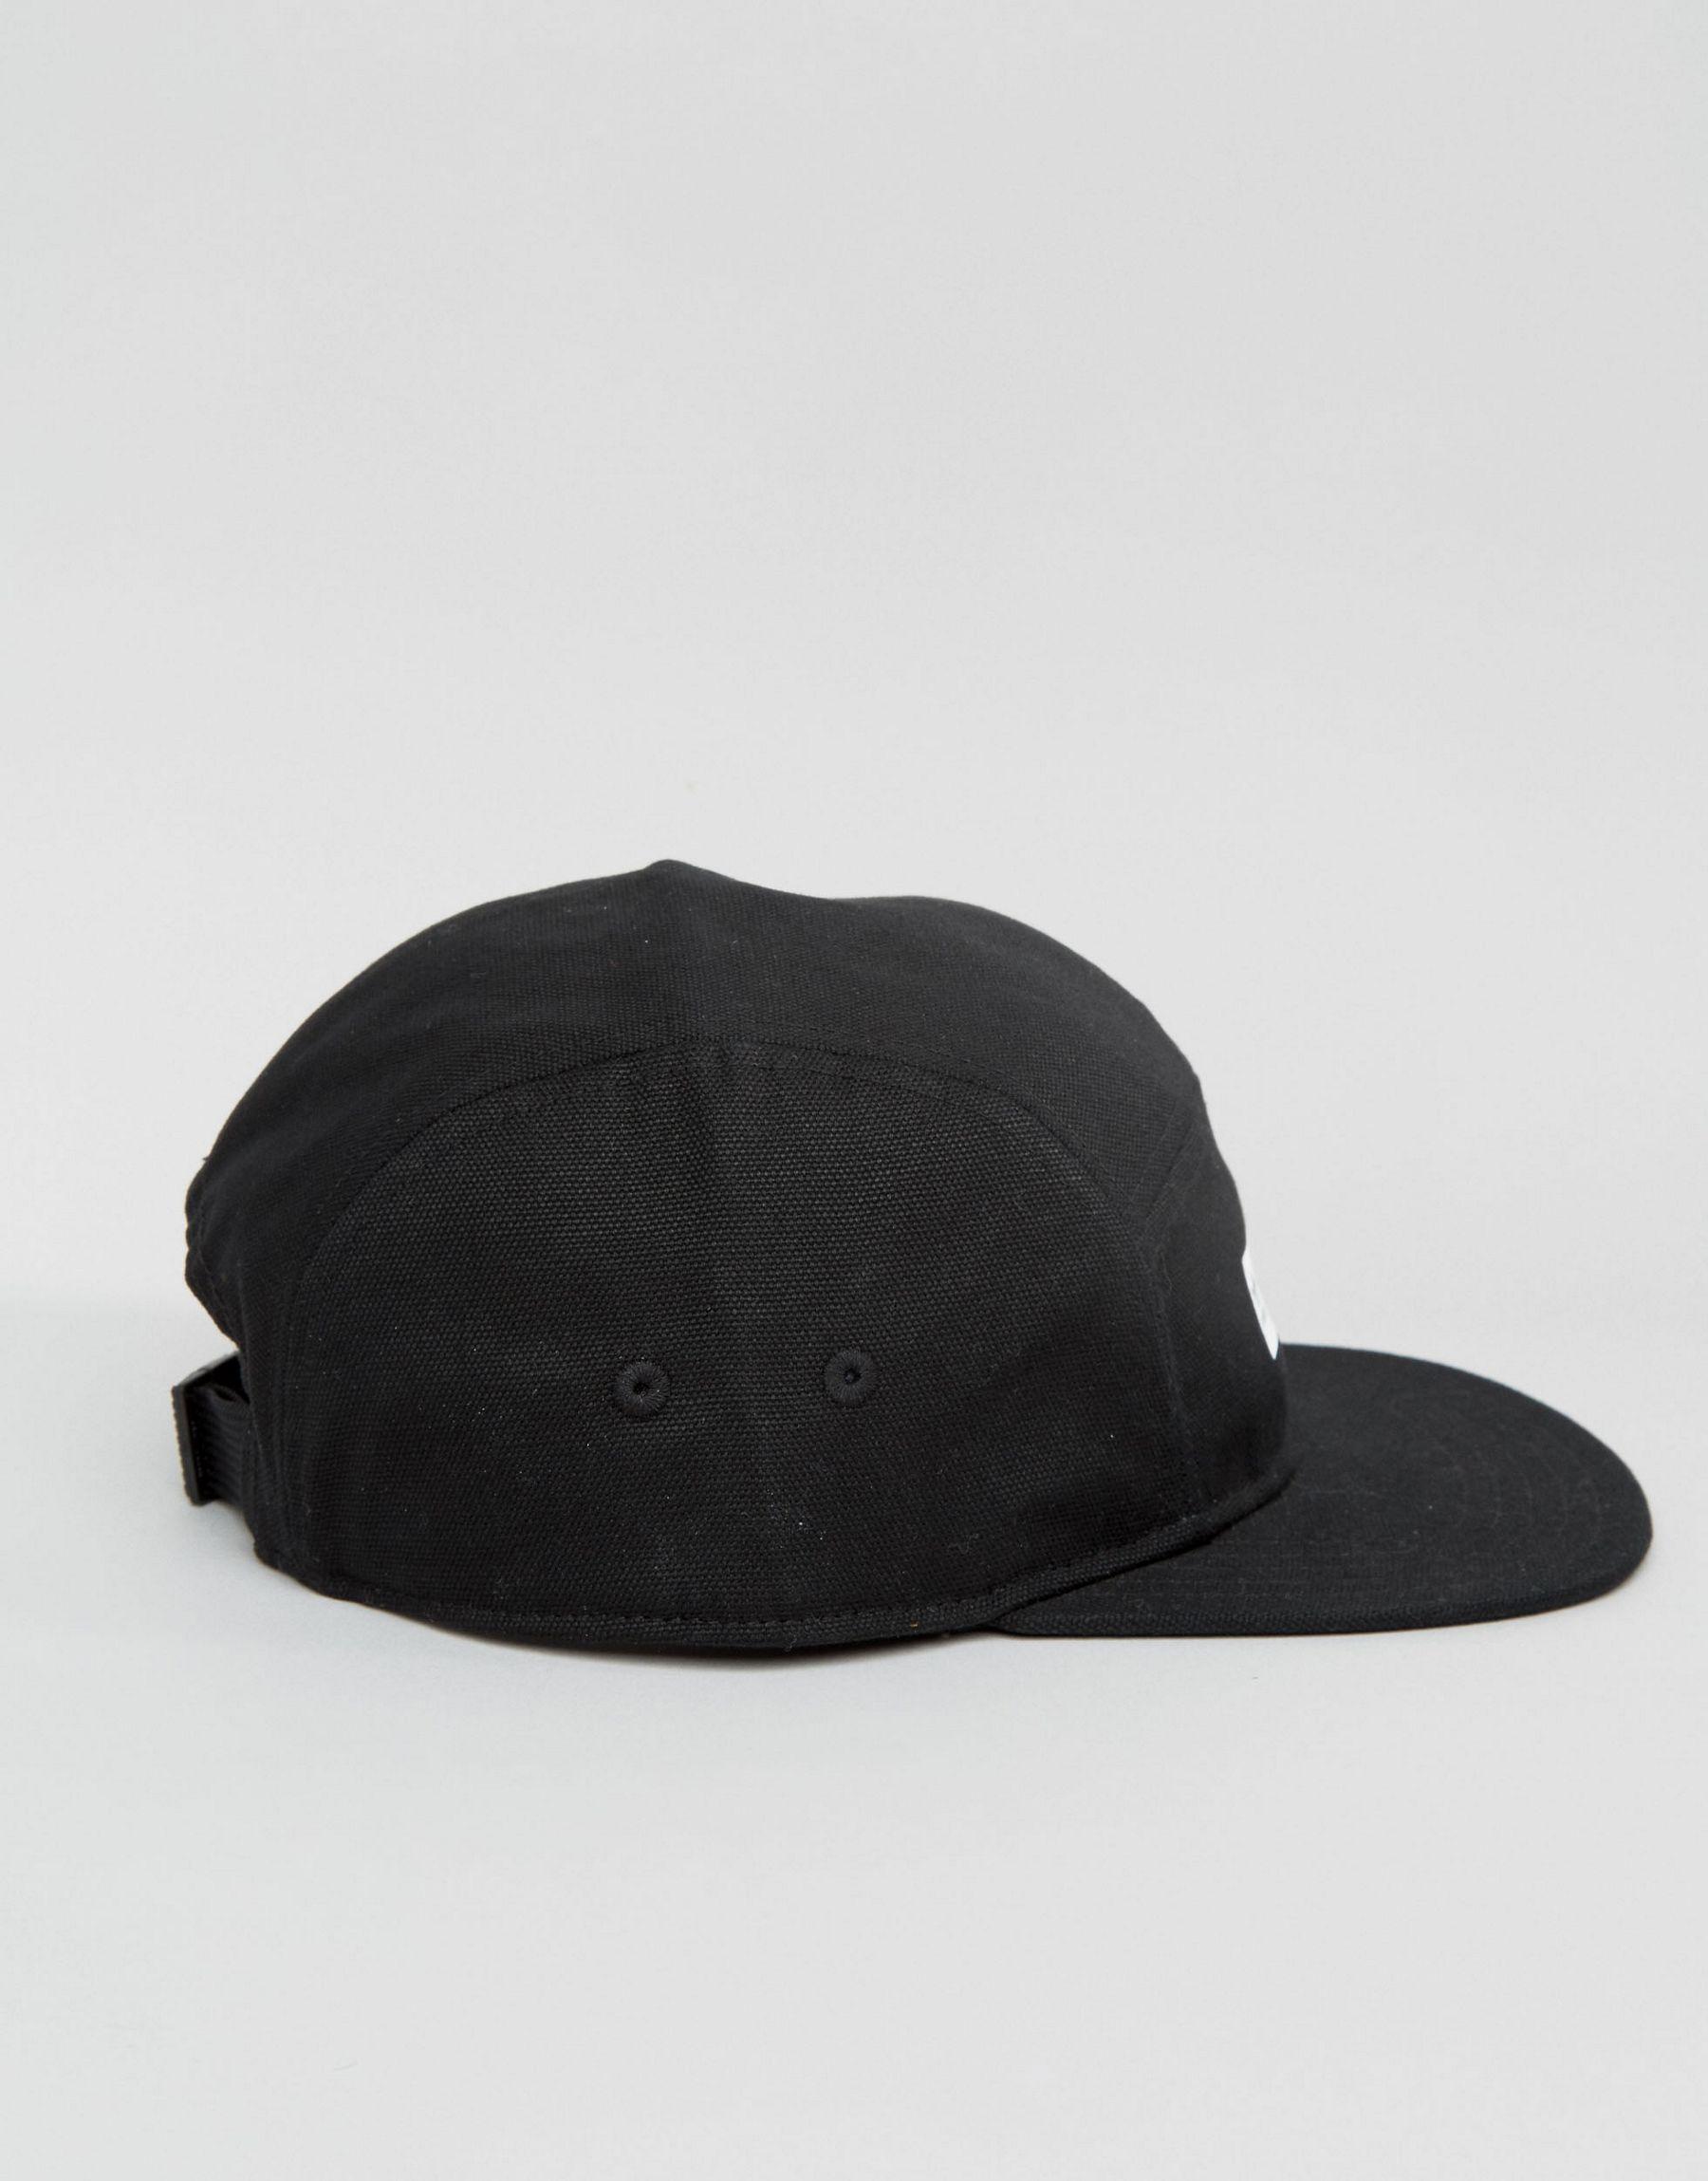 59dc083abae ... authentic lyst adidas originals snapback cap in black az0271 in black  for men 4369e 5157e